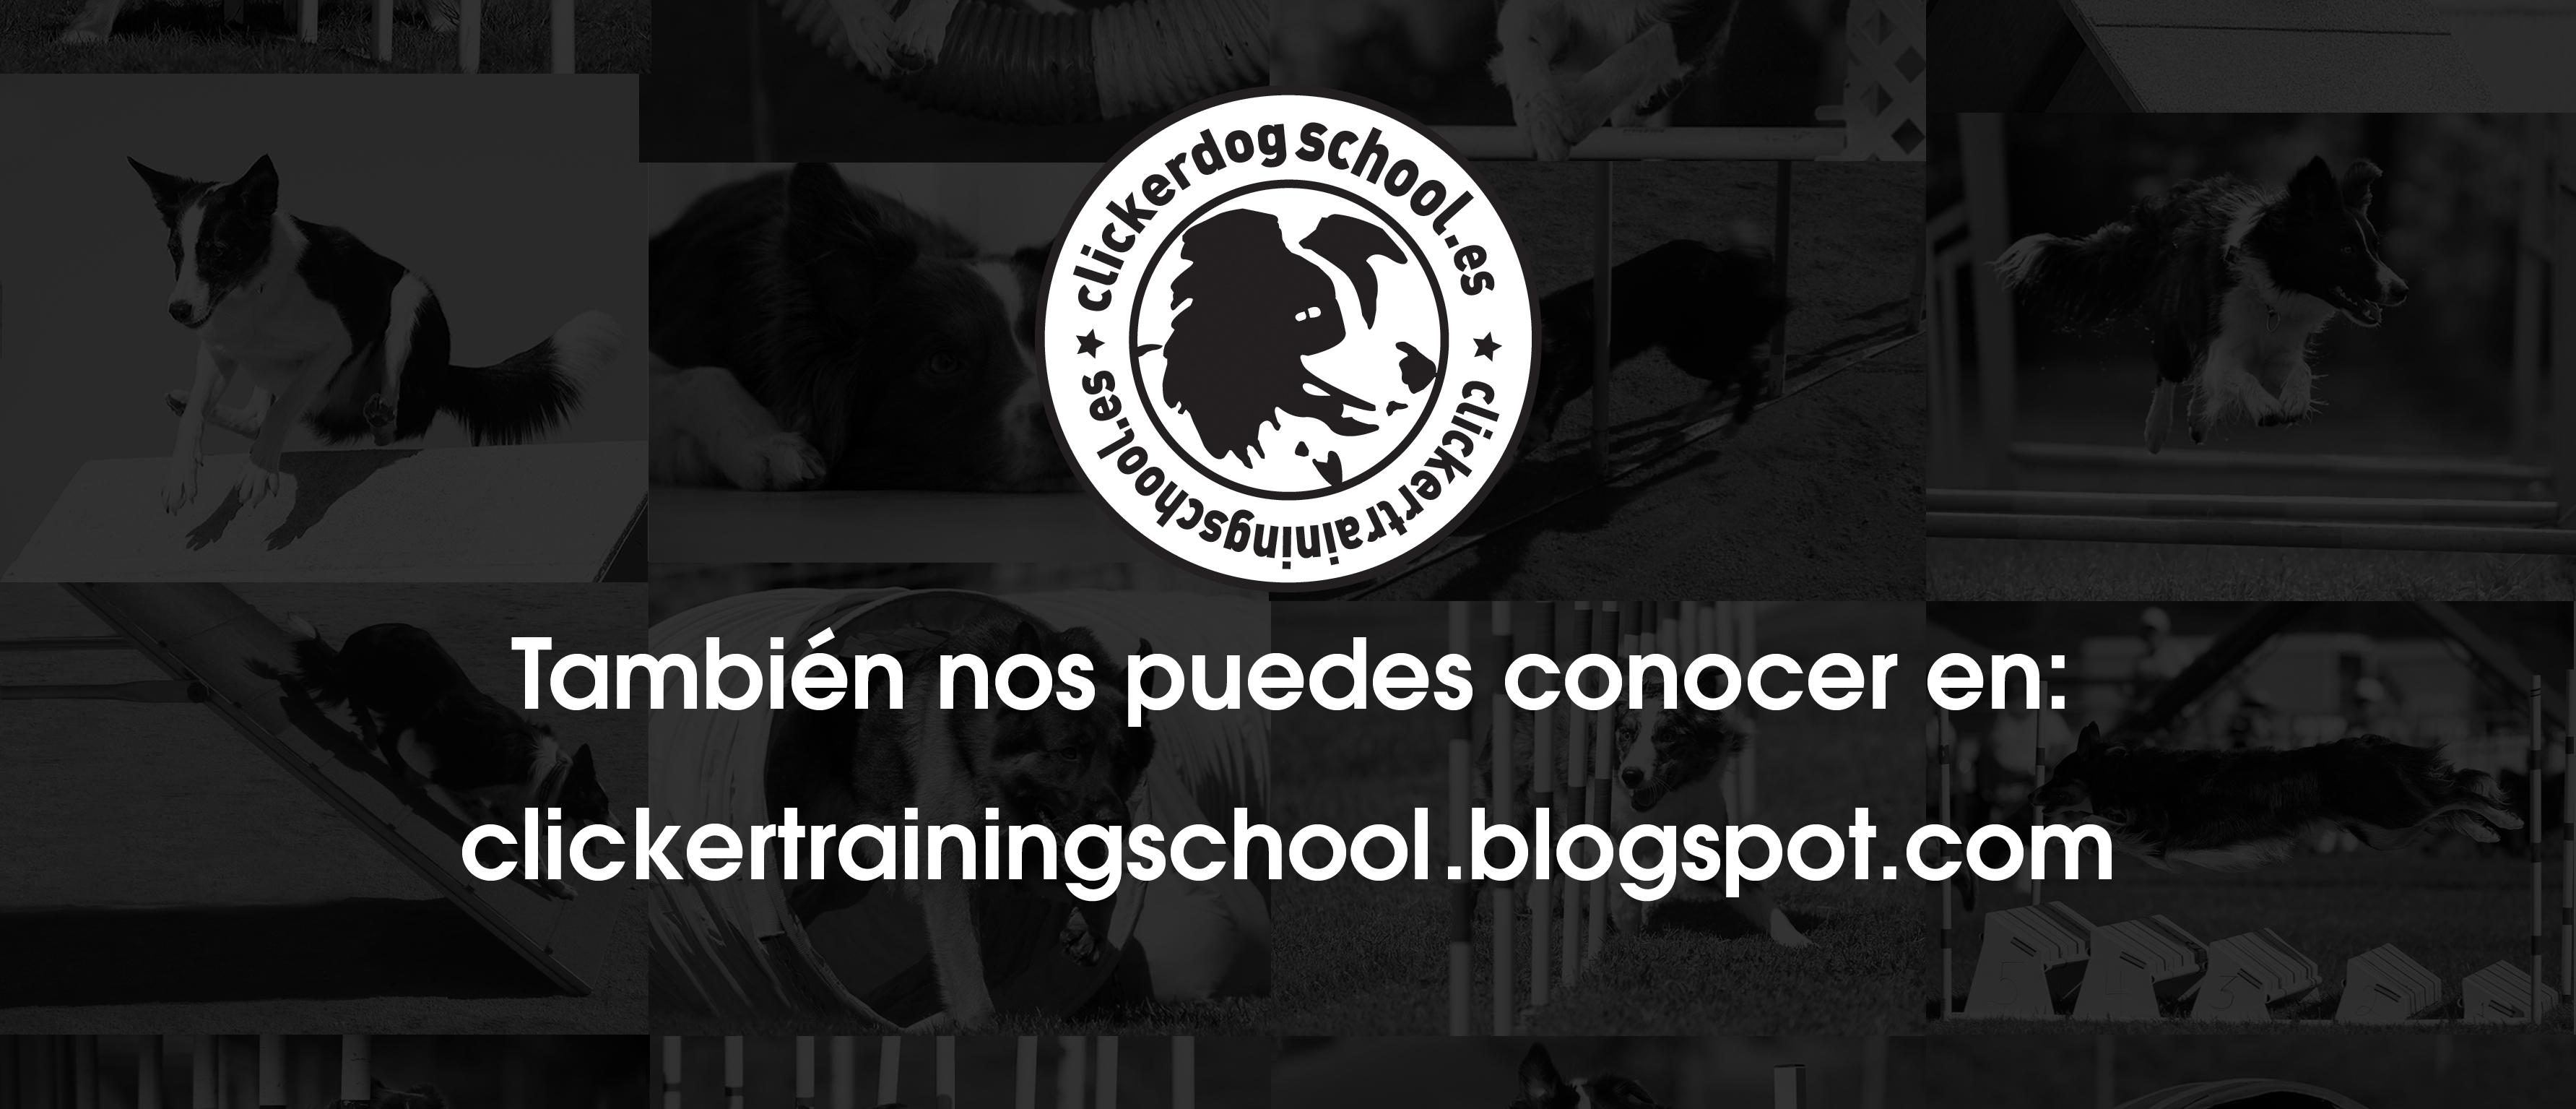 También puedes conocernos en nuestro blog clickertrainingschool.blogspot.com